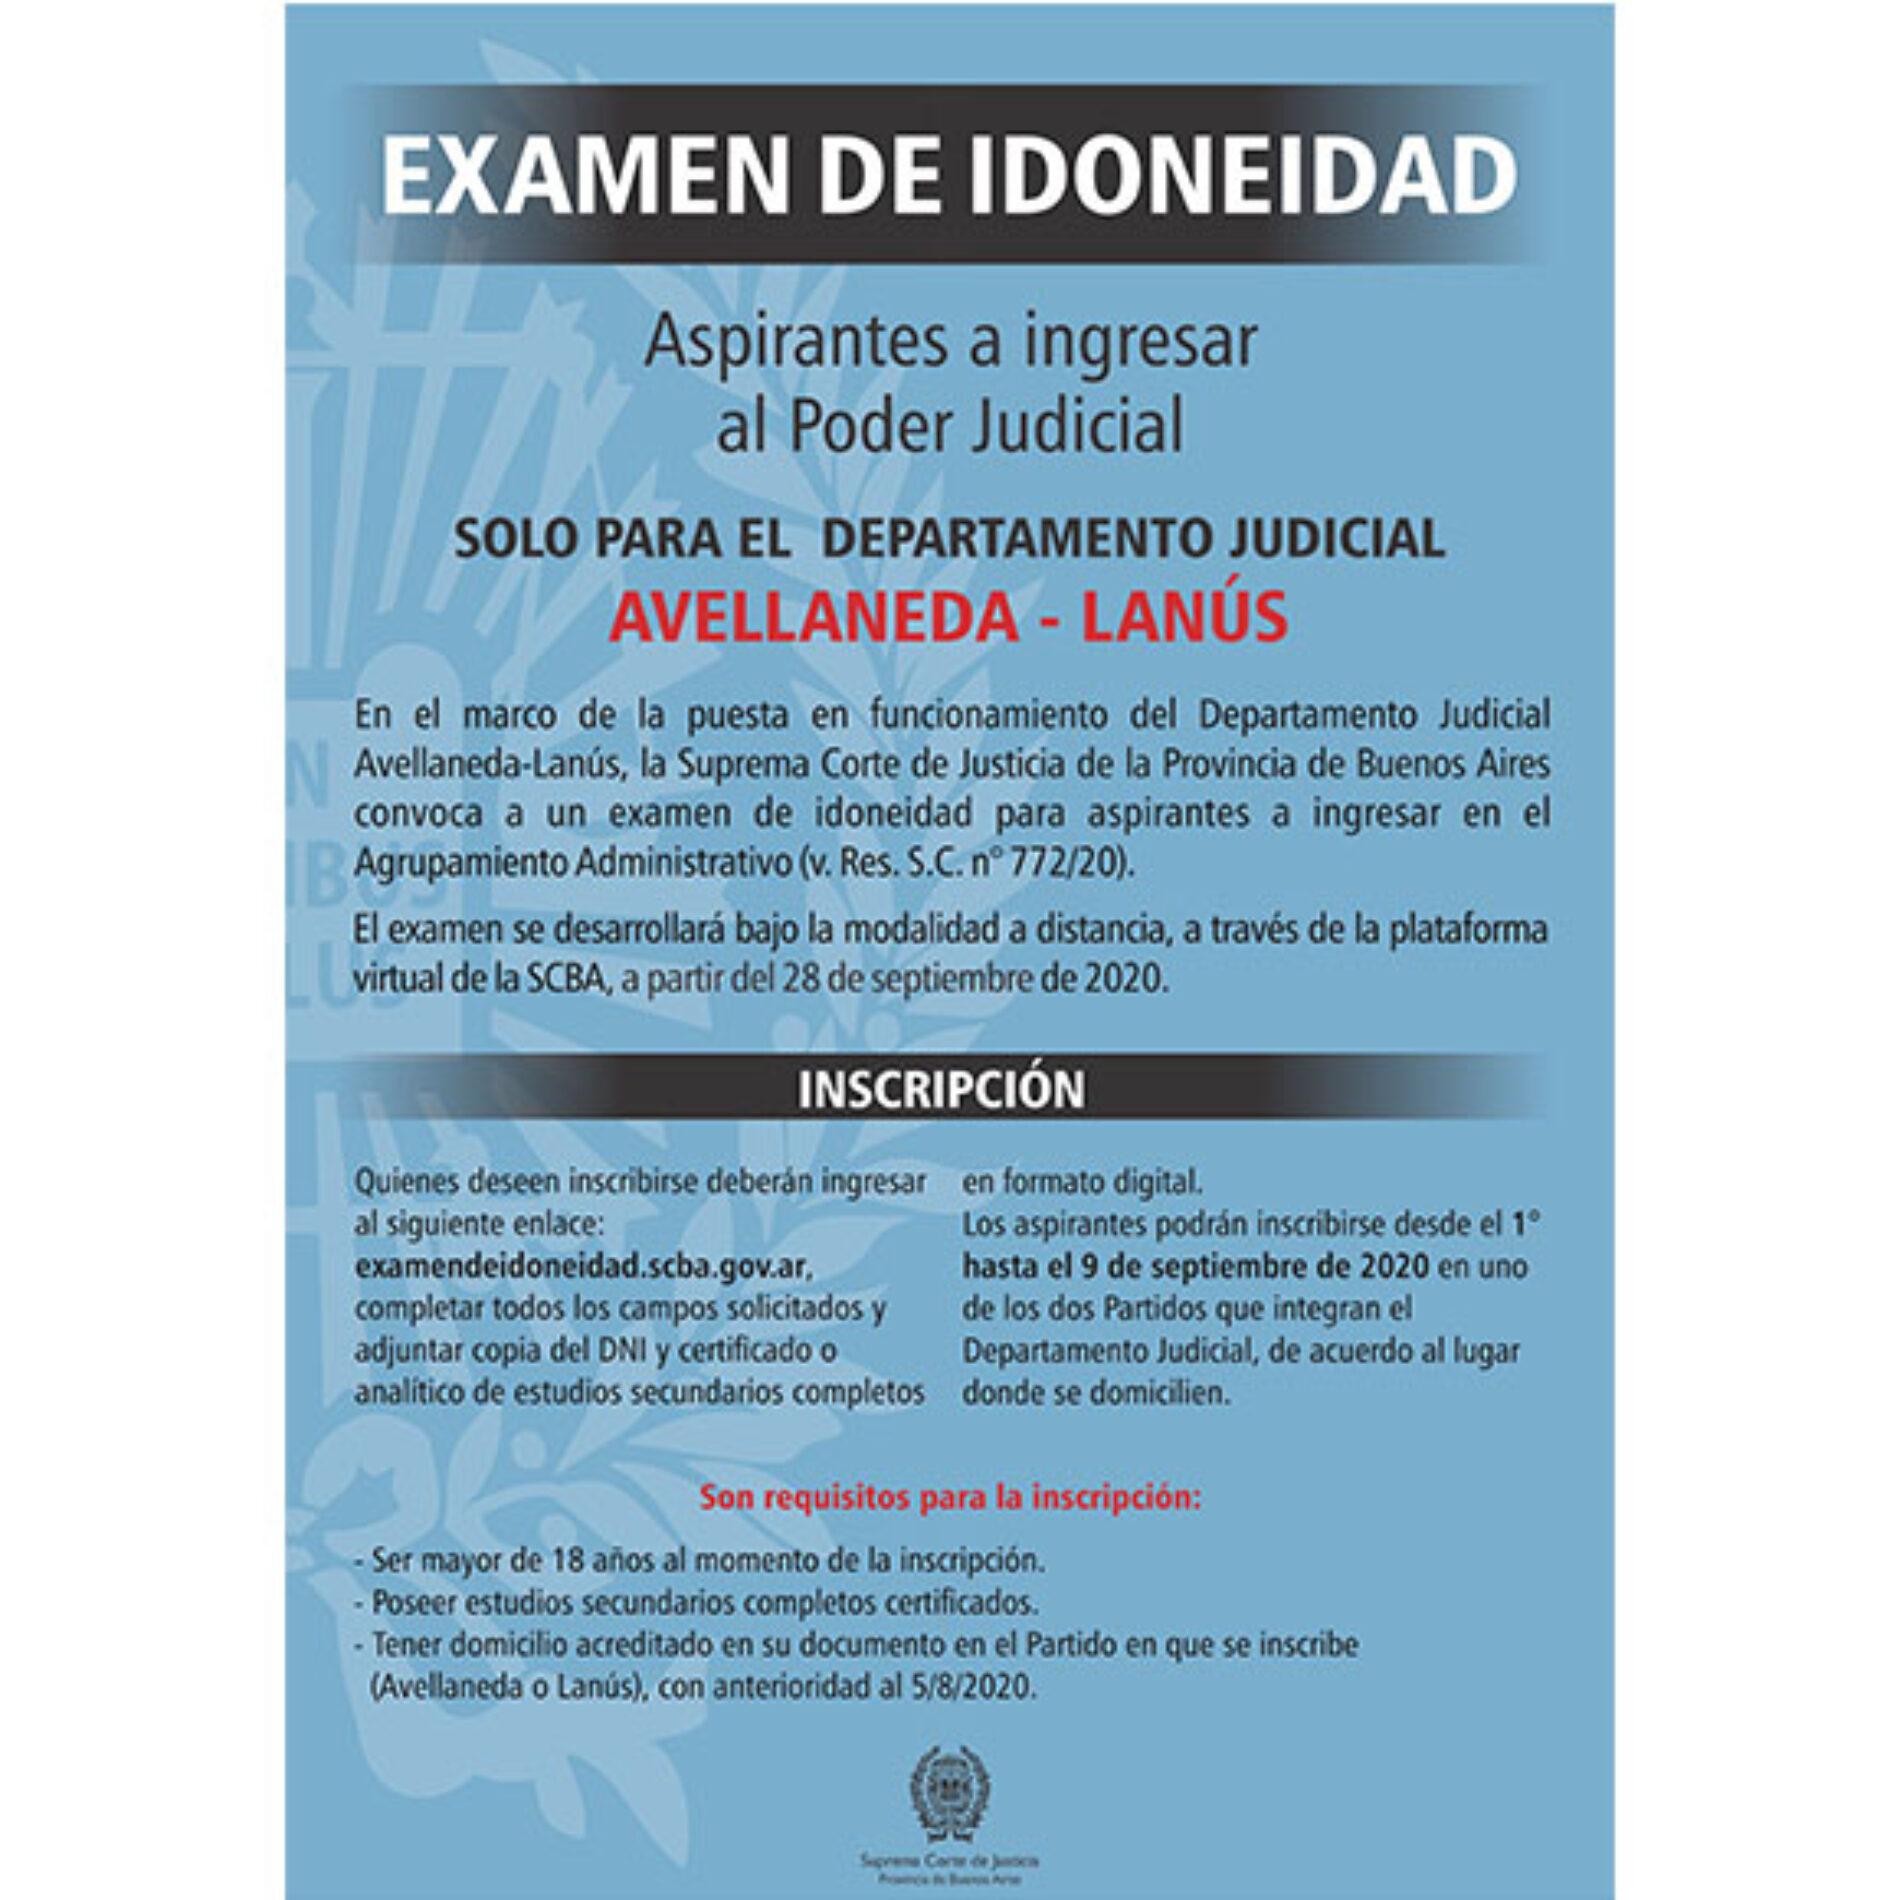 Convocatoria S.C.J.B.A.: Examen de Idoneidad para aspirantes a ingresar en el Departamento Judicial Avellaneda-Lanús.